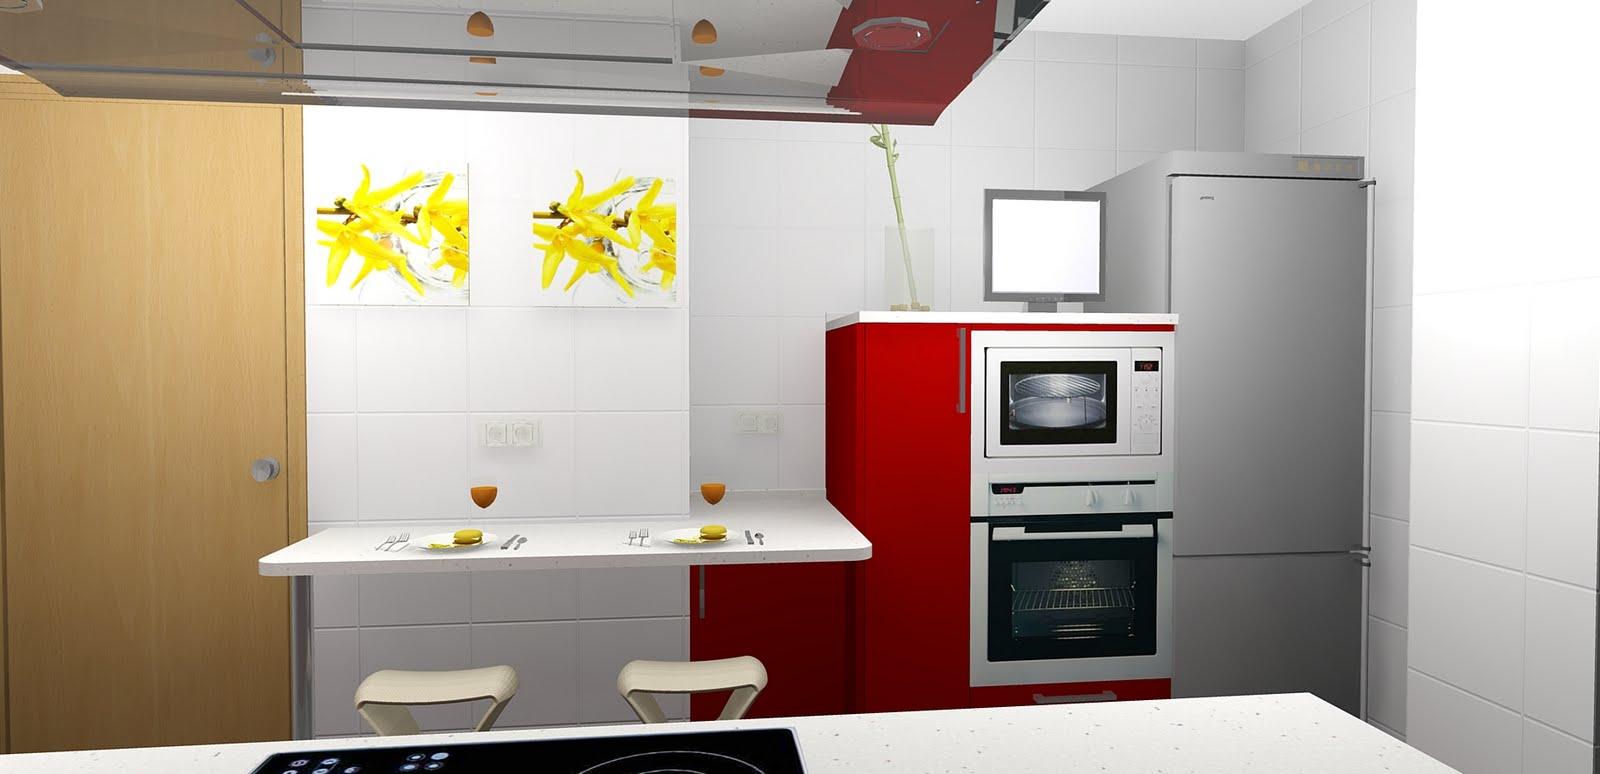 Todococina cocina roja y blanca - Cocinas rojas y blancas ...